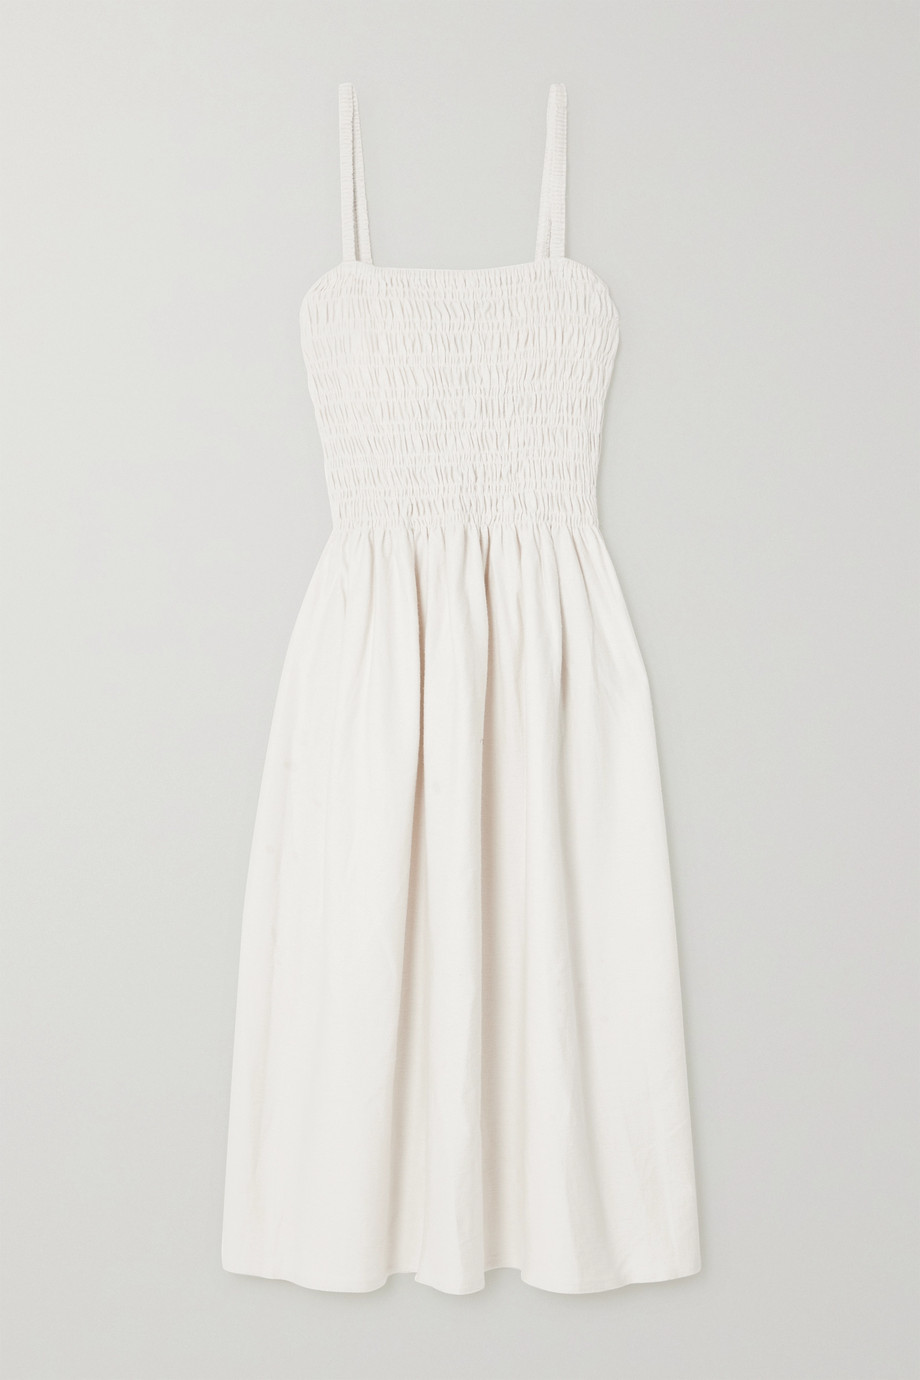 Faithfull The Brand + NET SUSTAIN Camden smocked cotton-terry midi dress